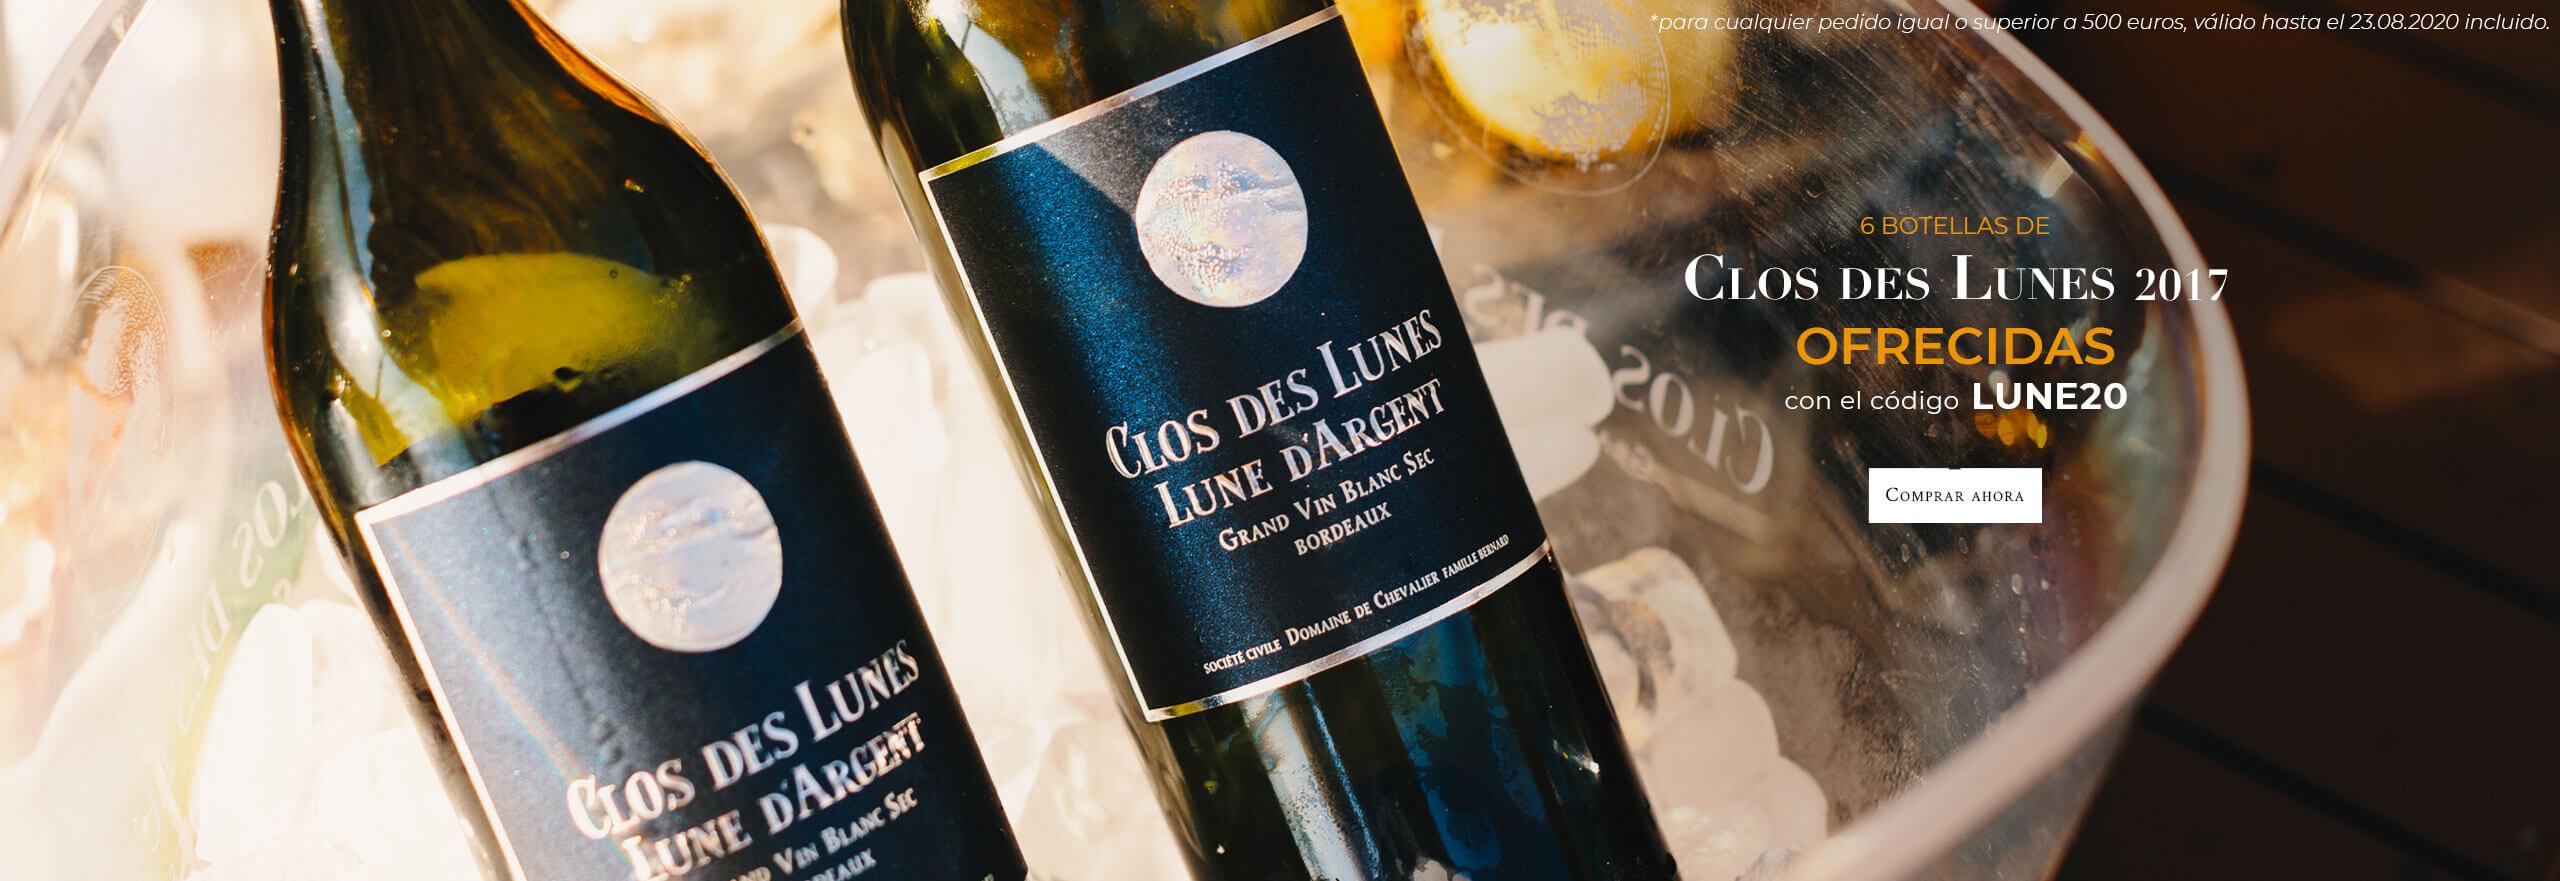 6 botellas de Clos des Lunes 2017 ofrecidas con el código LUNES20